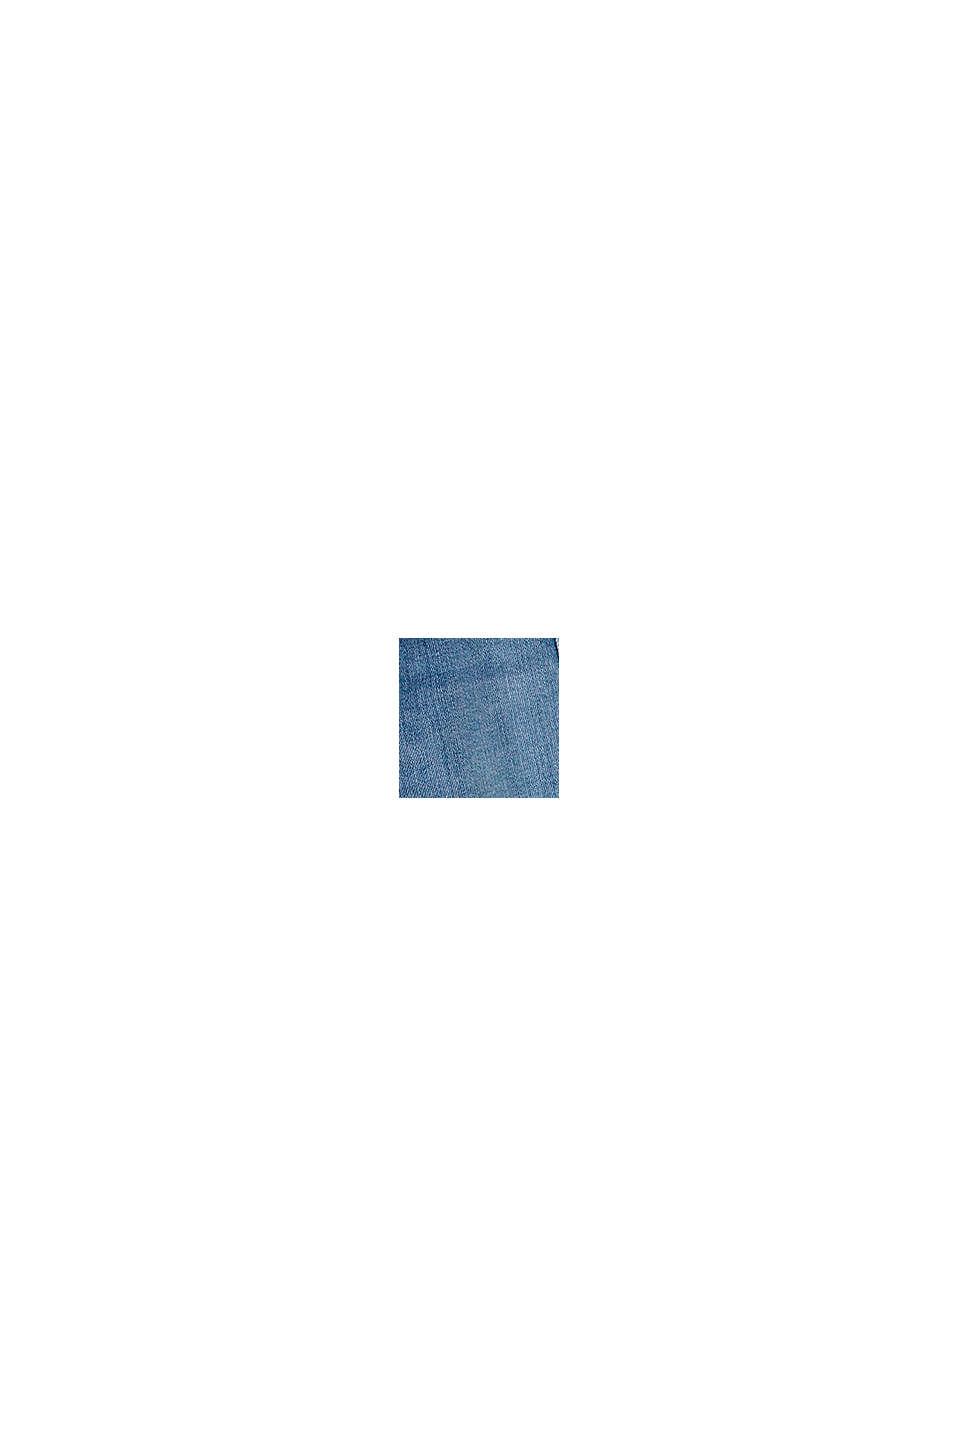 Vaqueros cortos de diseño abullonado con cintura elástica, BLUE LIGHT WASHED, swatch